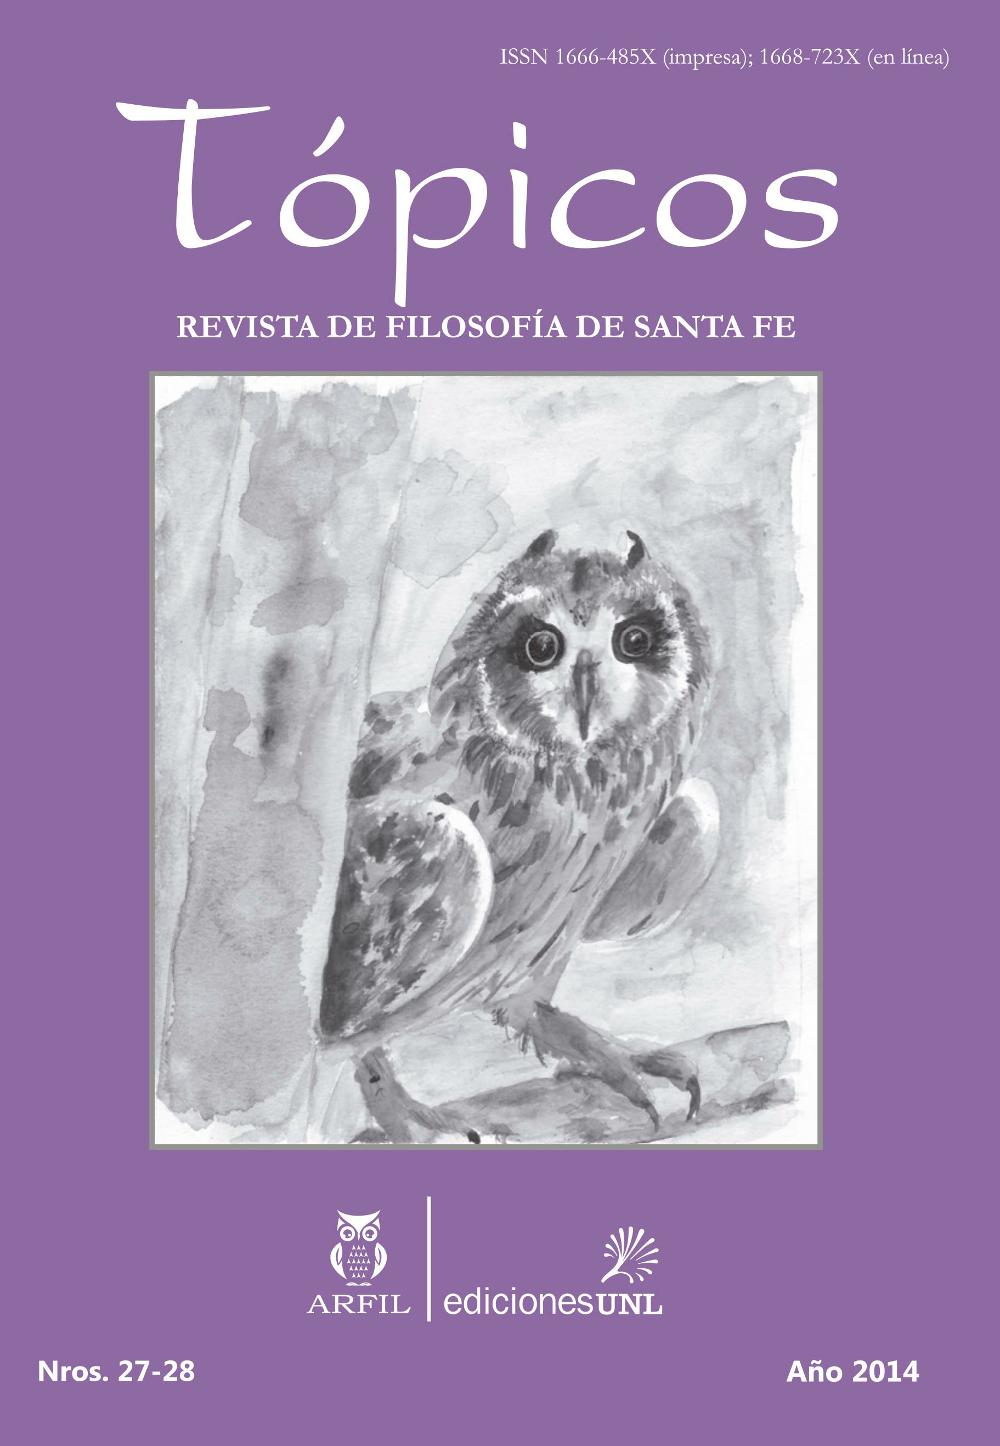 Imagen de tapa de Revista Tópicos Nº 27-28.